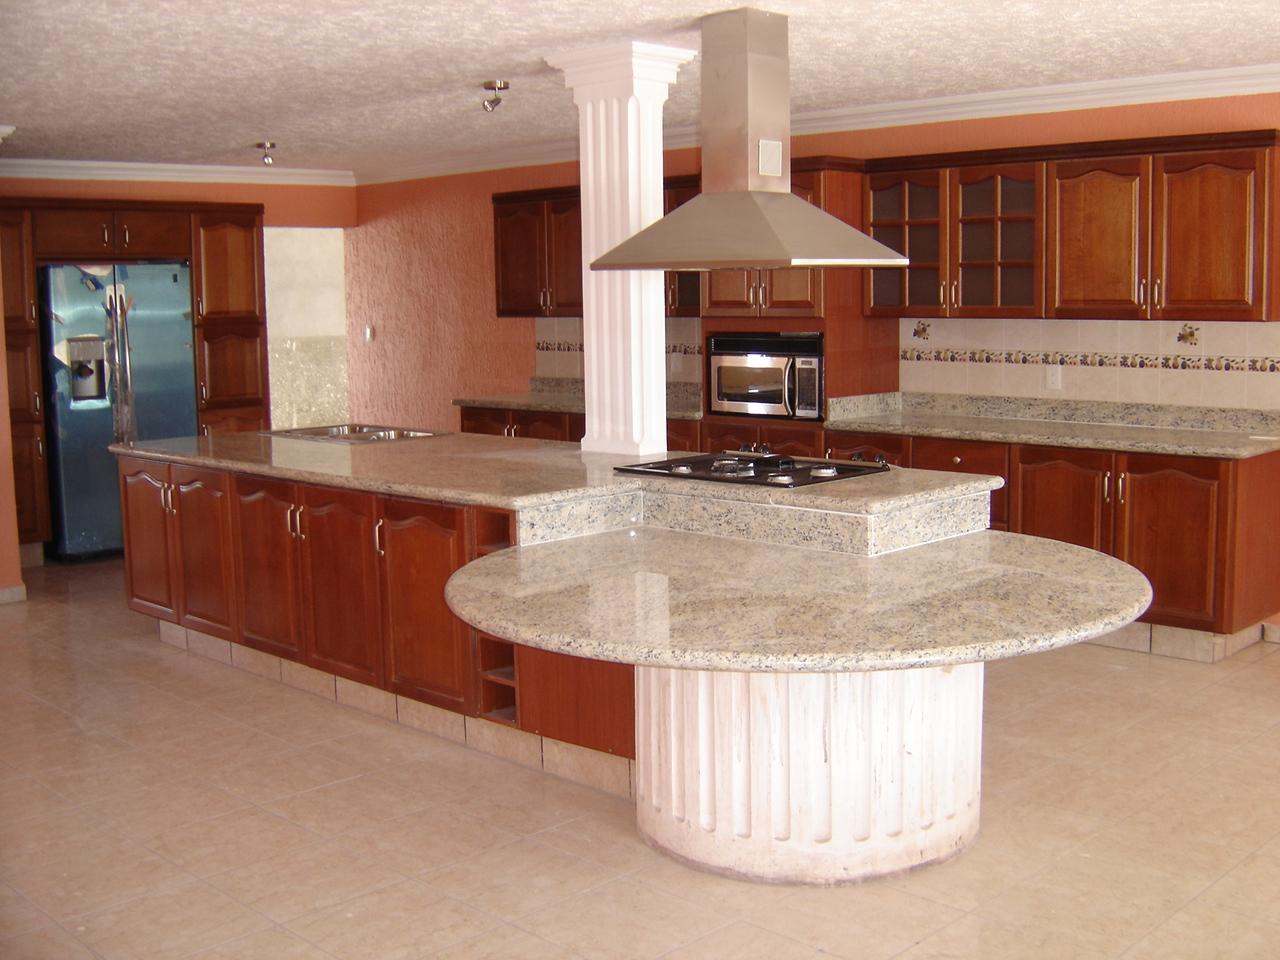 Marmol en cocinas imagui - Cocinas de marmol ...